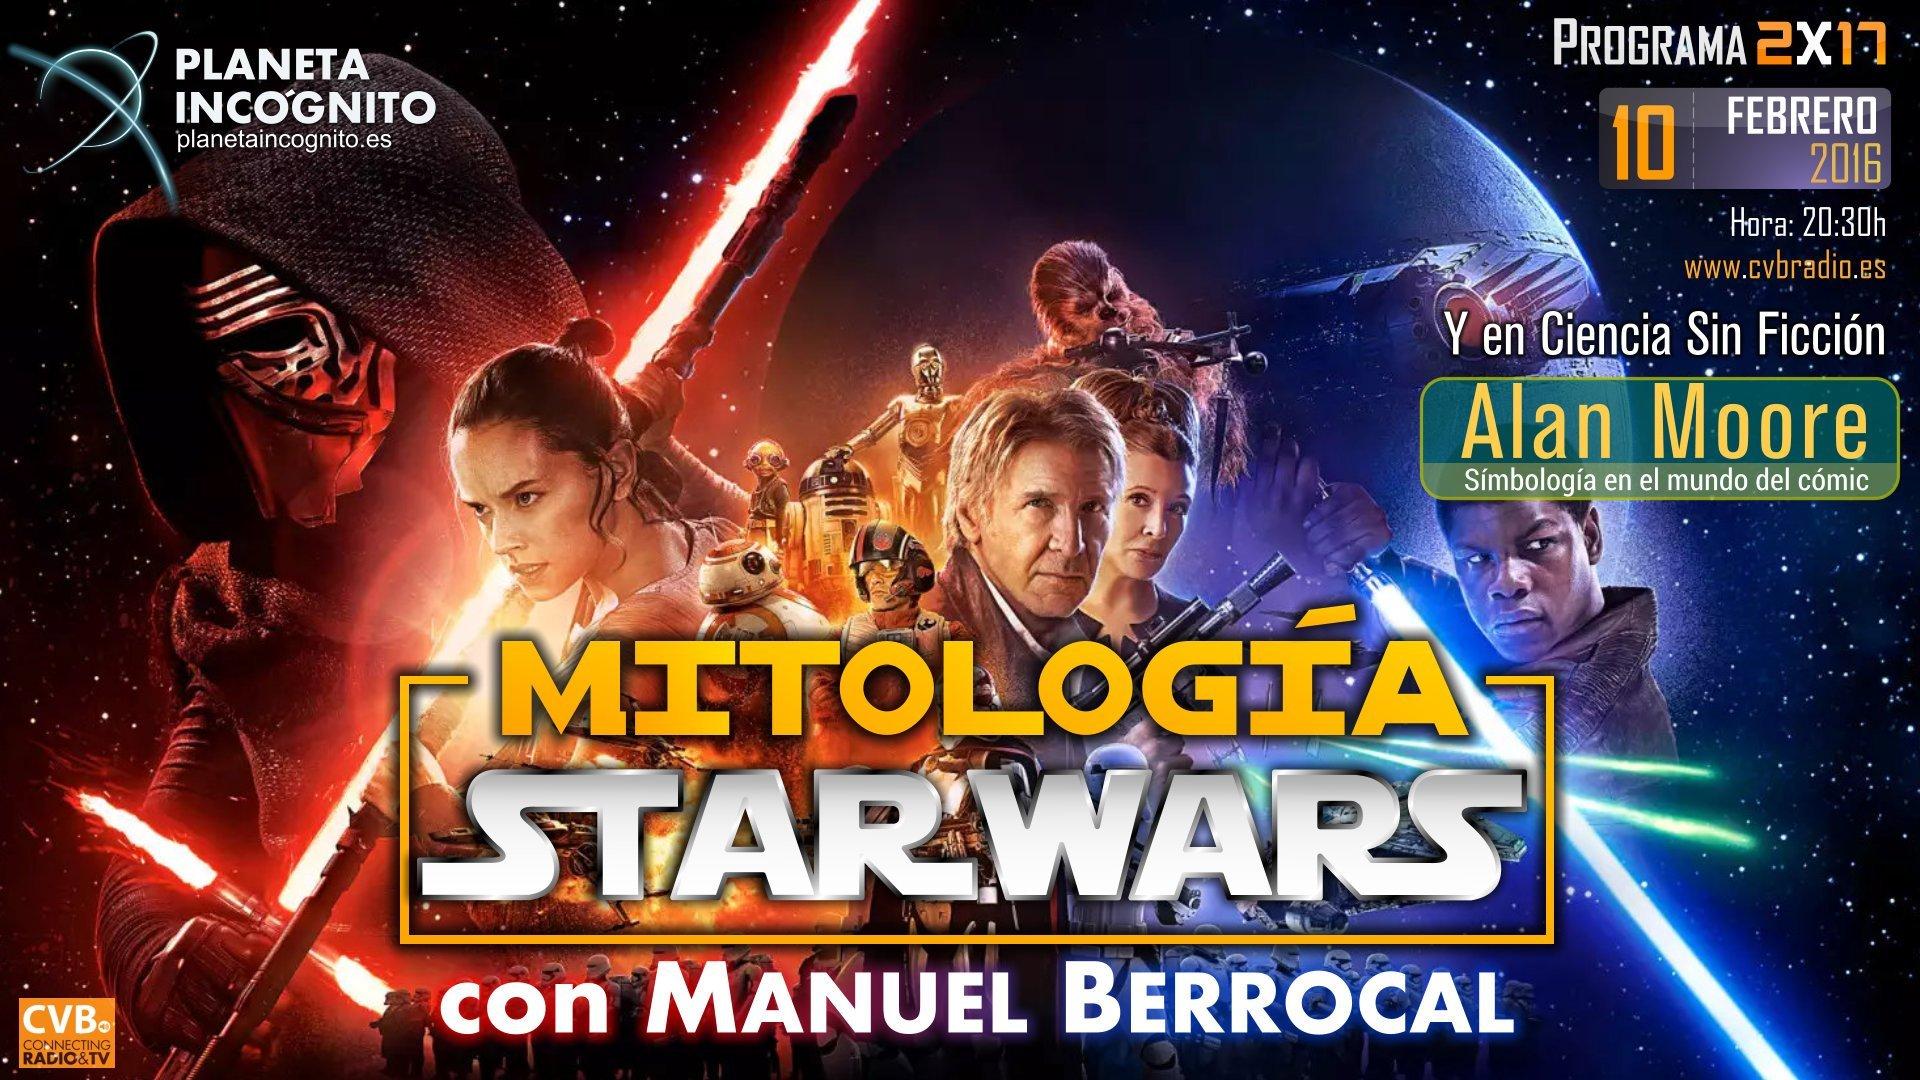 Programa 2×17 Mitología STARWARS con Manuel Berrocal y la Simbología en el Cómic de Alan Moore